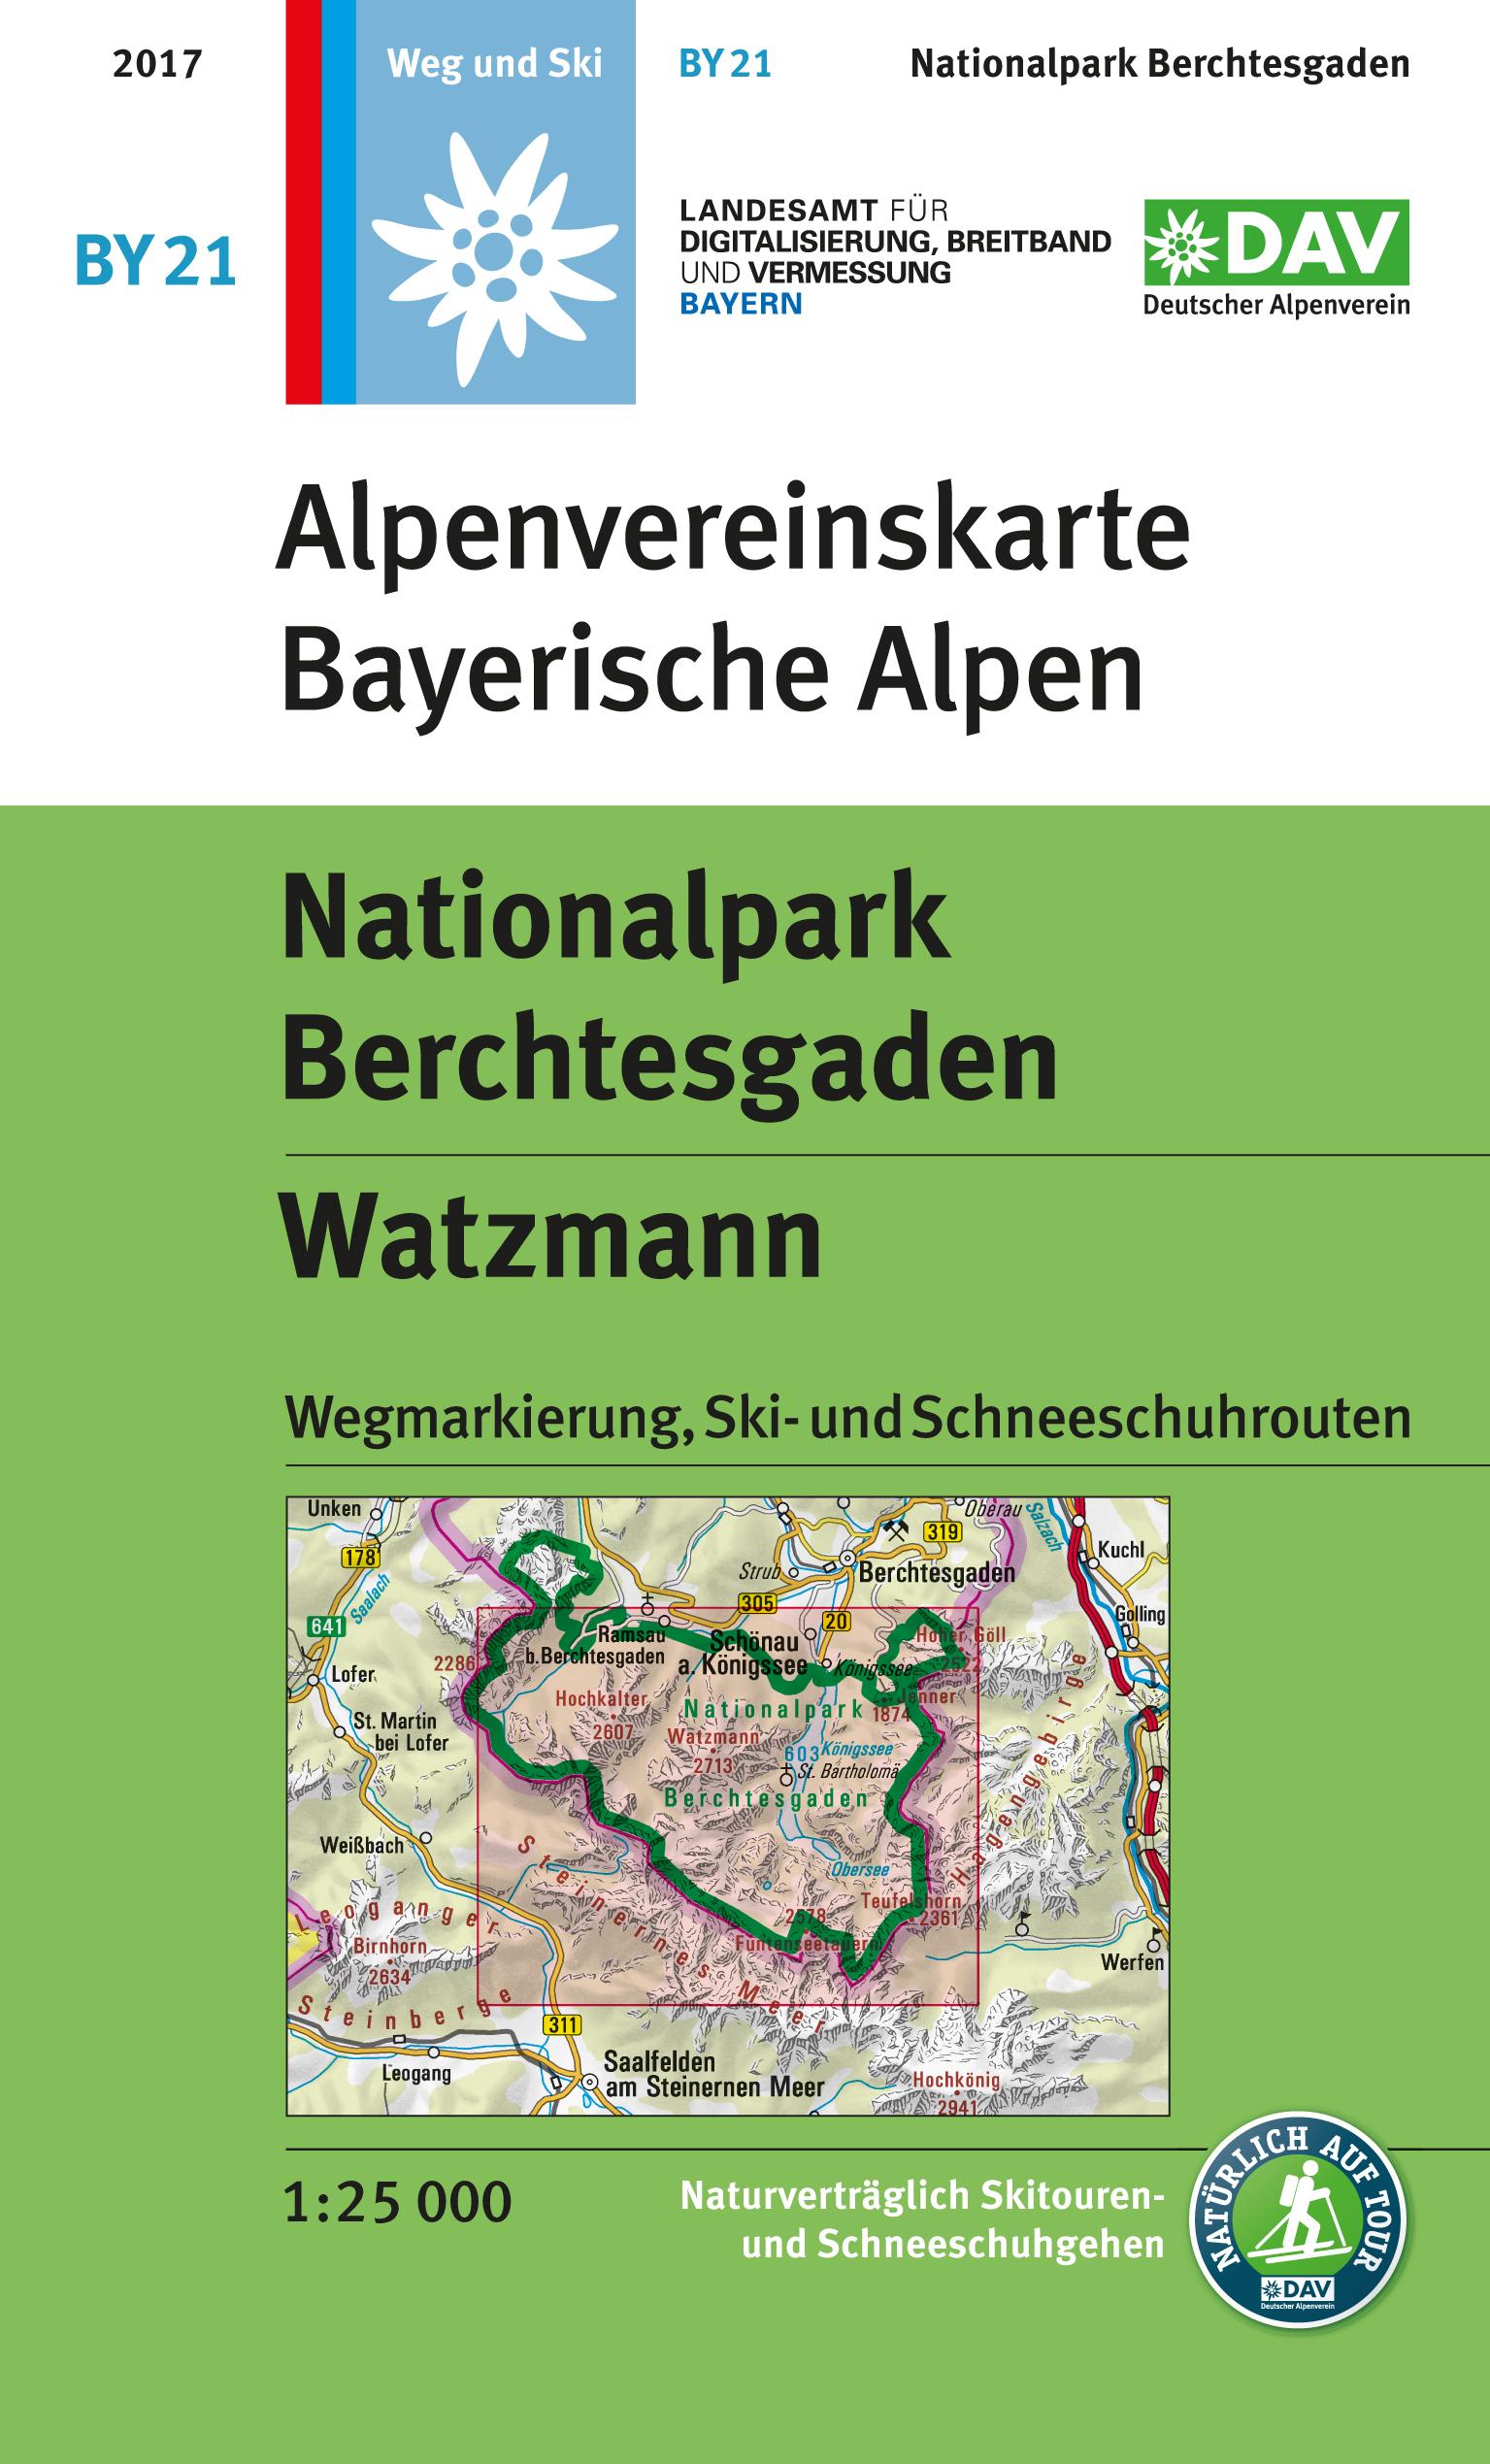 BY 21 Nationalpark Berchtesgaden